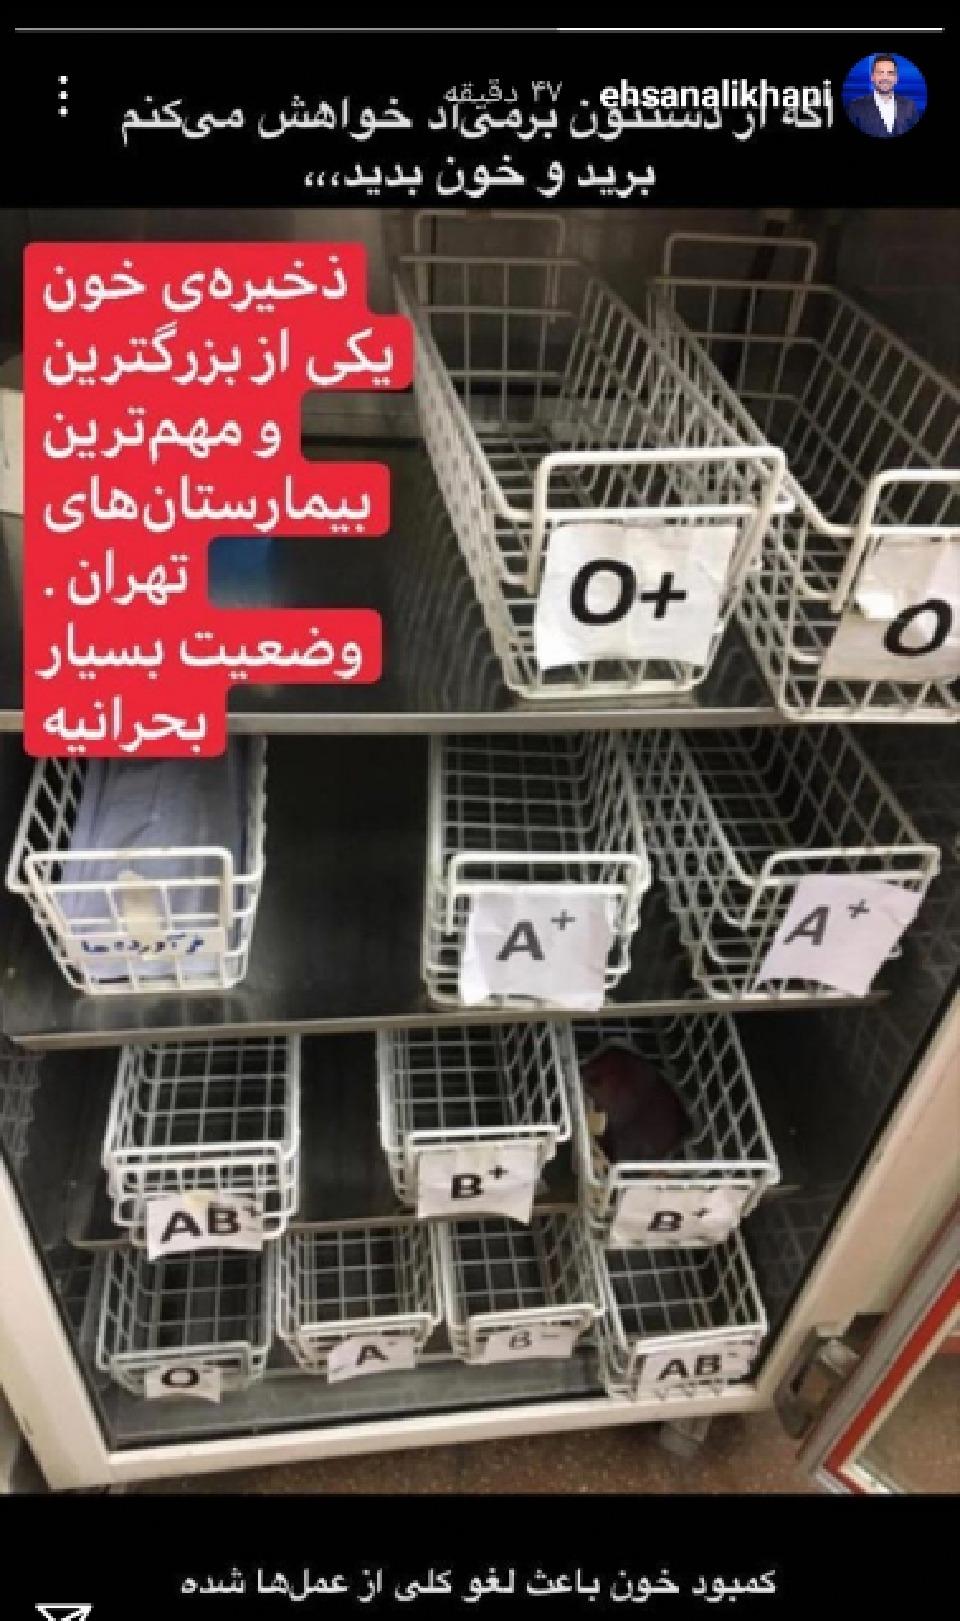 اتمام ذخیره های خونی در بیمارستان